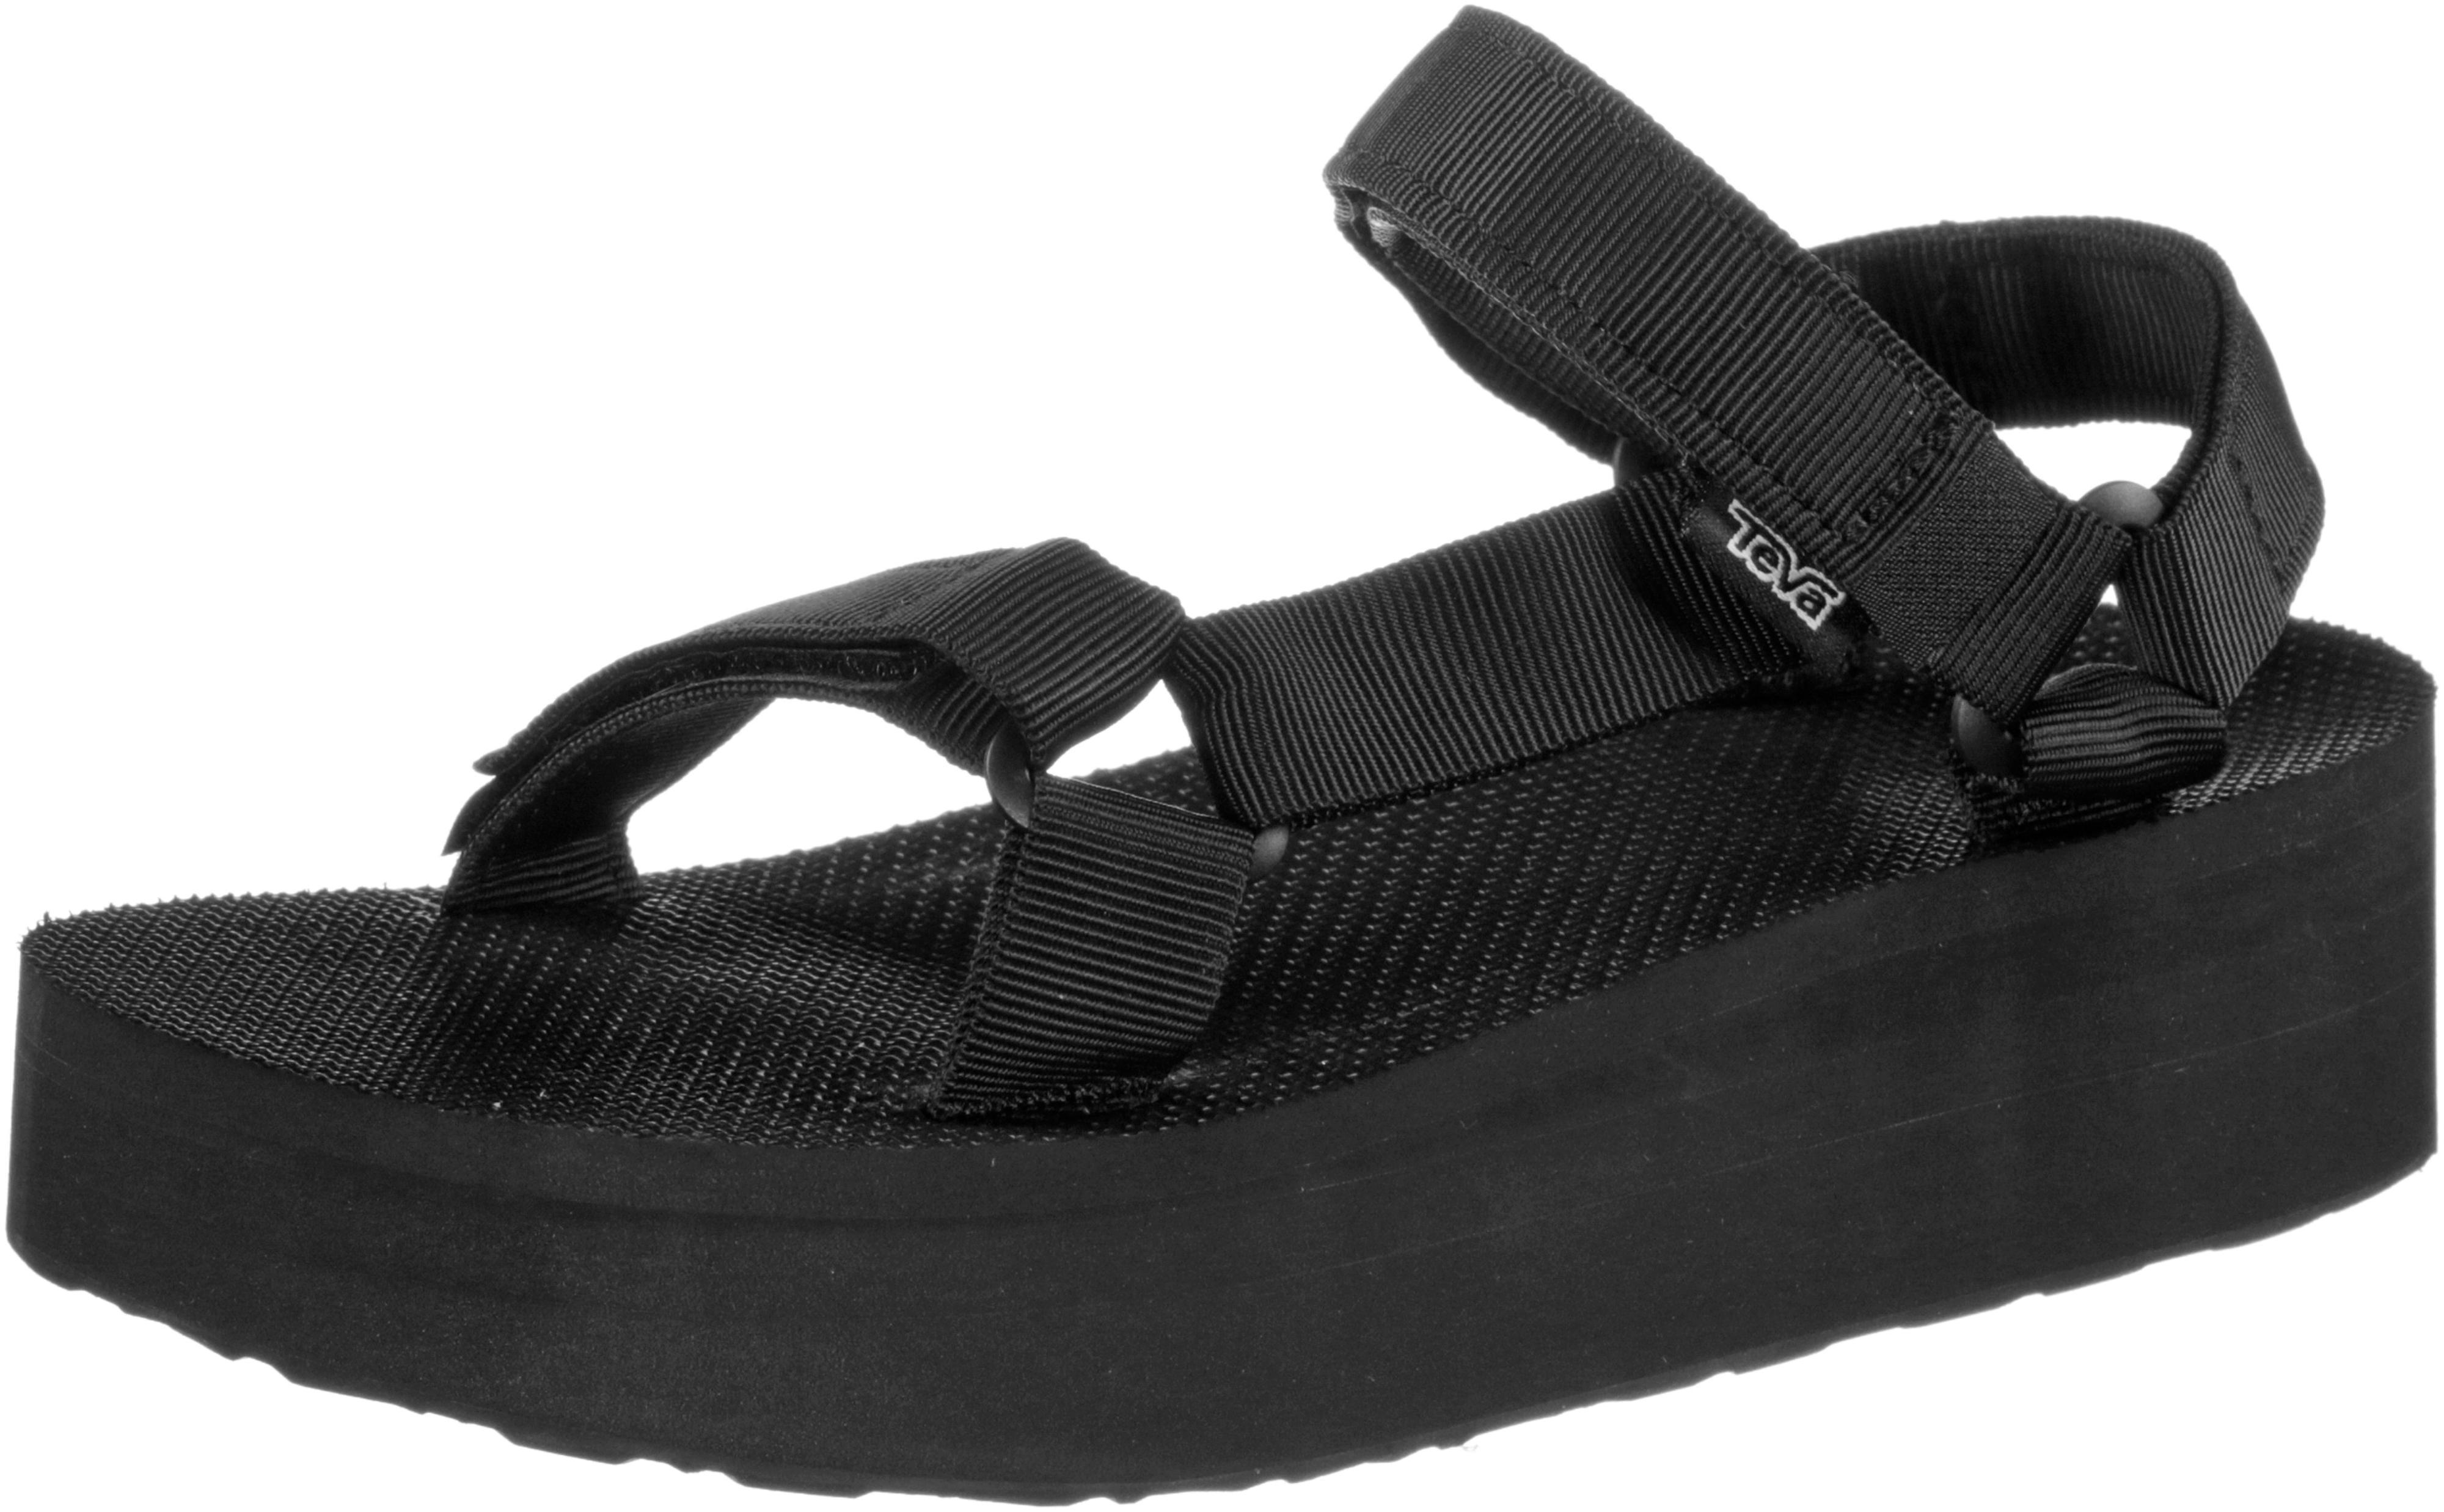 Teva Flatform Universal Universal Universal Sandalen Damen weiß im Online Shop von SportScheck kaufen Gute Qualität beliebte Schuhe 83907a